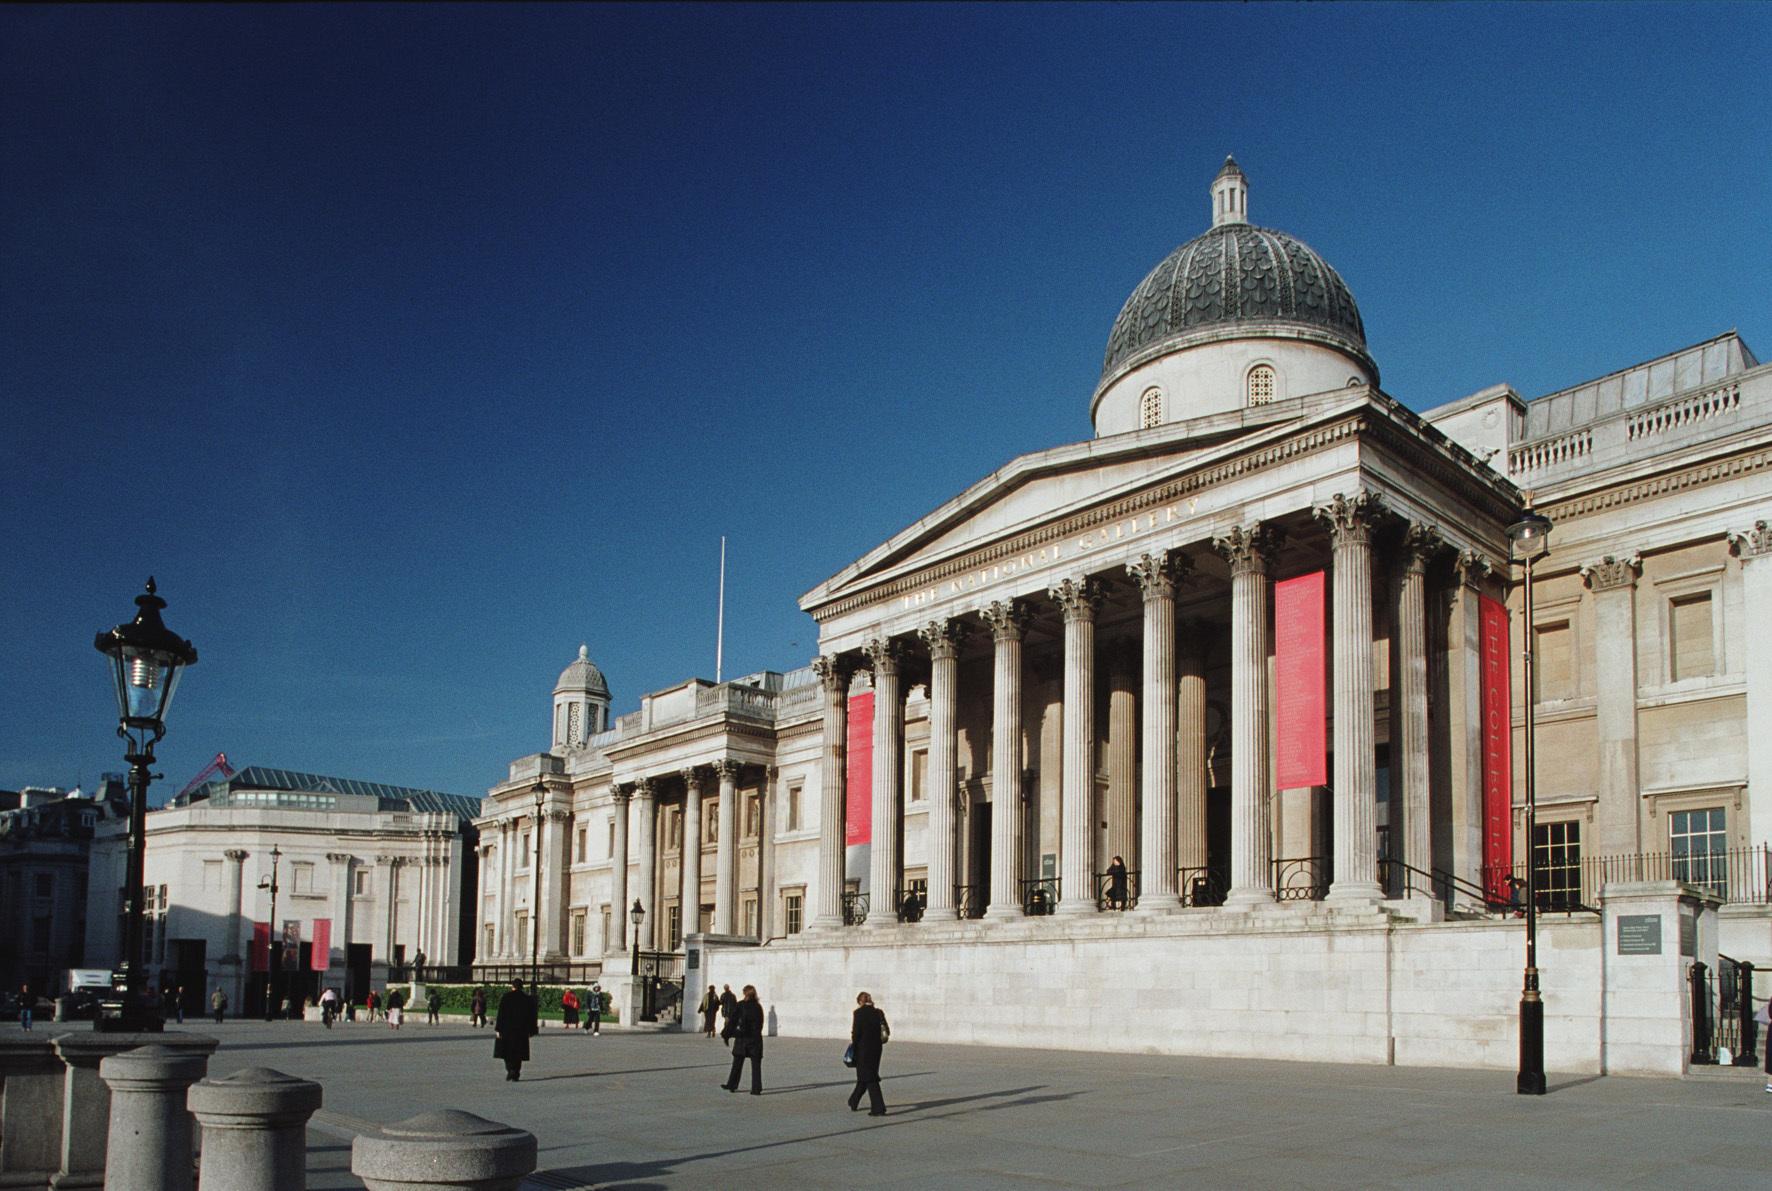 ロンドン・ナショナル・ギャラリー外観 Photo: Phil Sayer